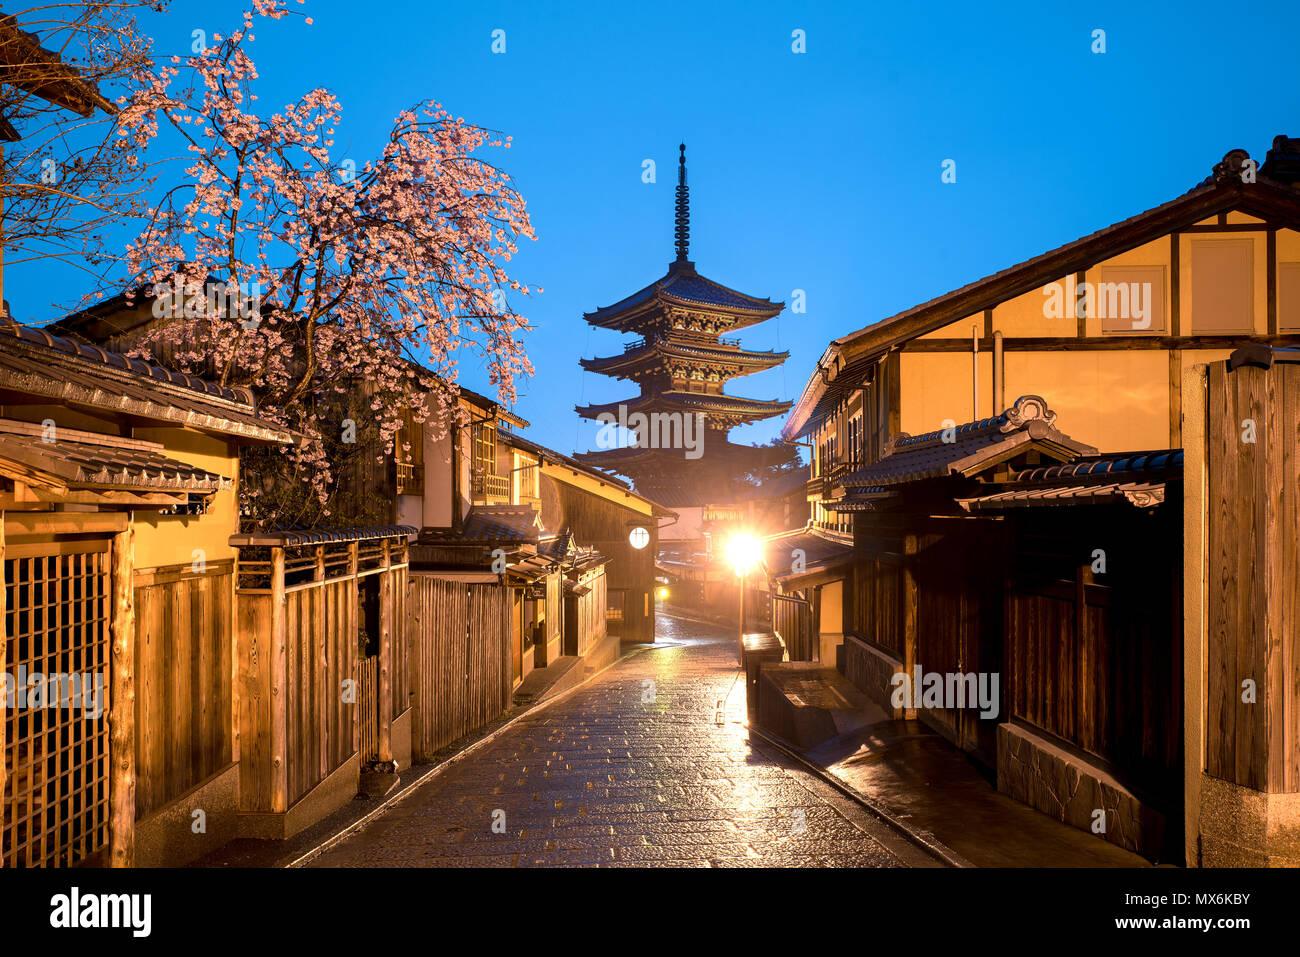 Pagode japonaise et vieille maison avec cherry blossom à Kyoto au crépuscule. Photo Stock